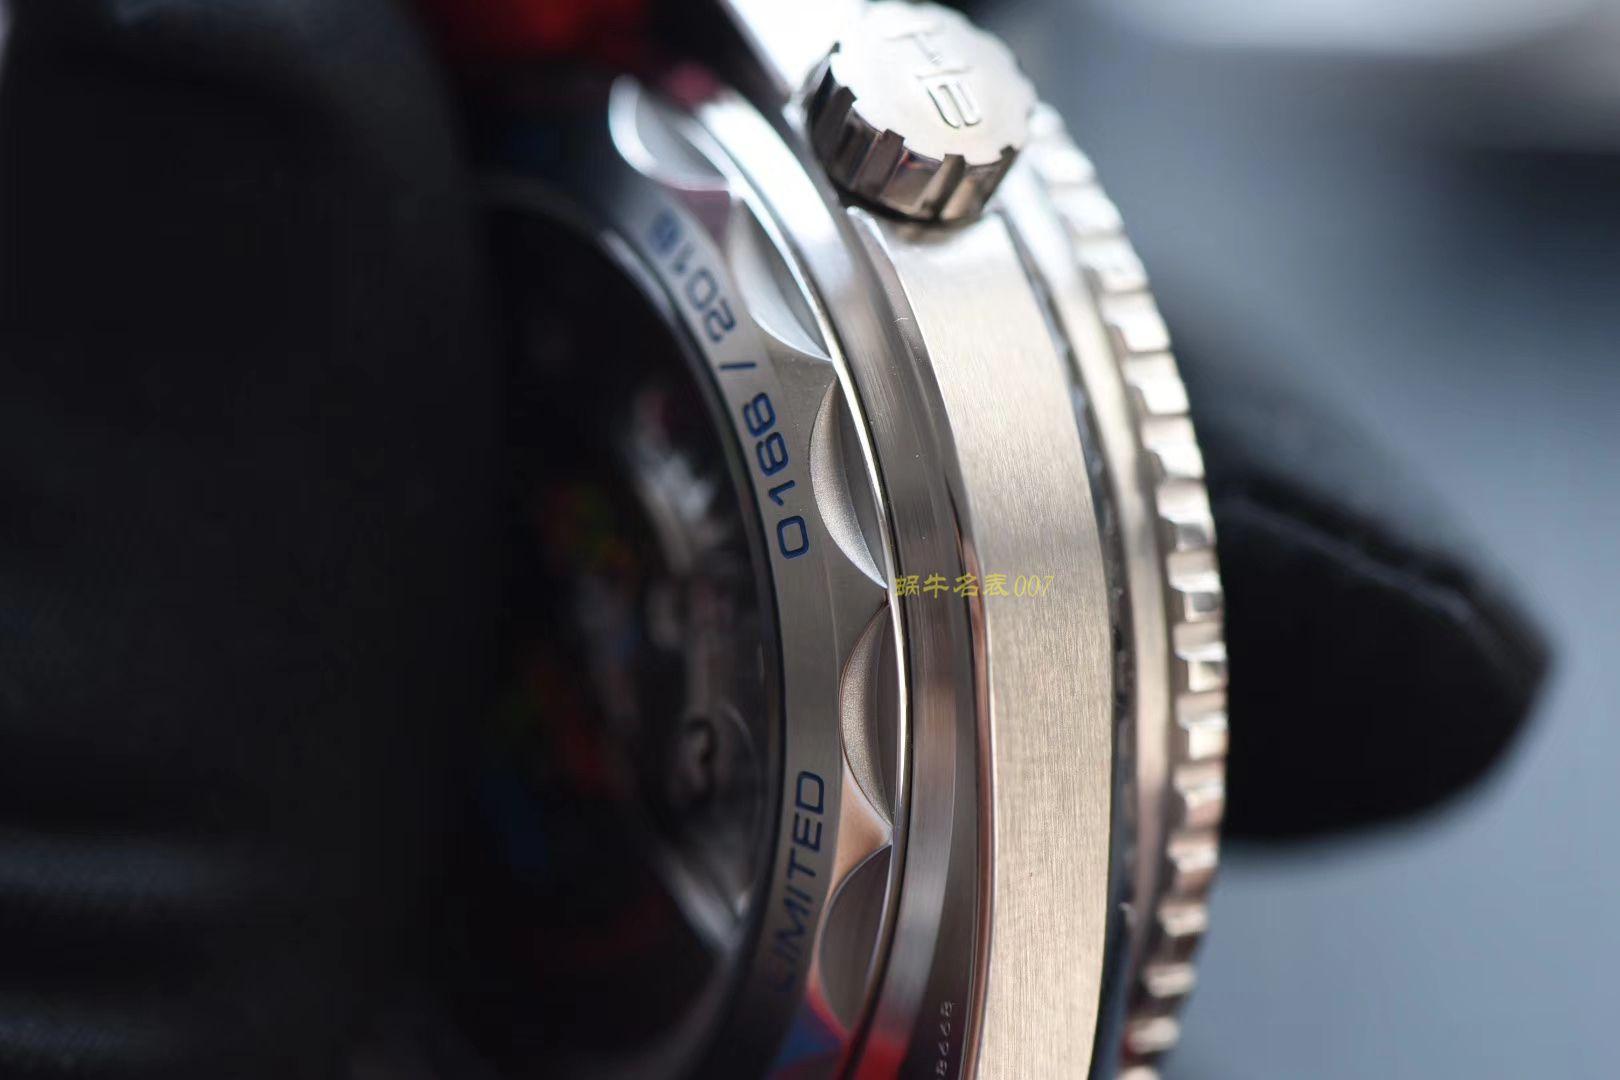 欧米茄特别系列522.32.44.21.03.001腕表【VS欧米茄百事可乐平昌冬奥会纪念版高仿手表】 / M353